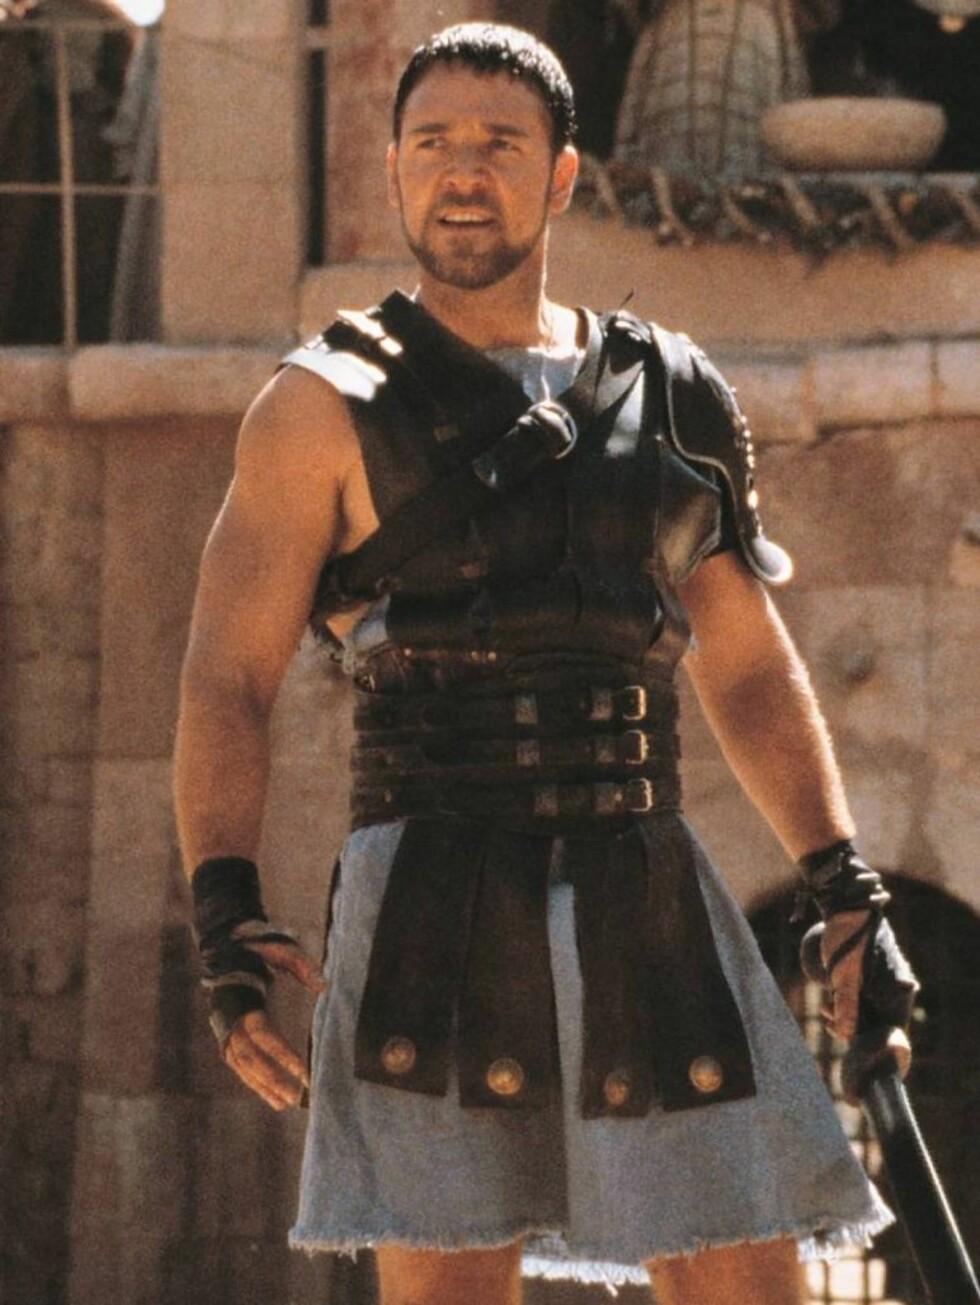 FILMHELT: Russell ble verdensstjerne i rollen som general Maximus - som må overleve som Gladiator. Foto: FilmWeb